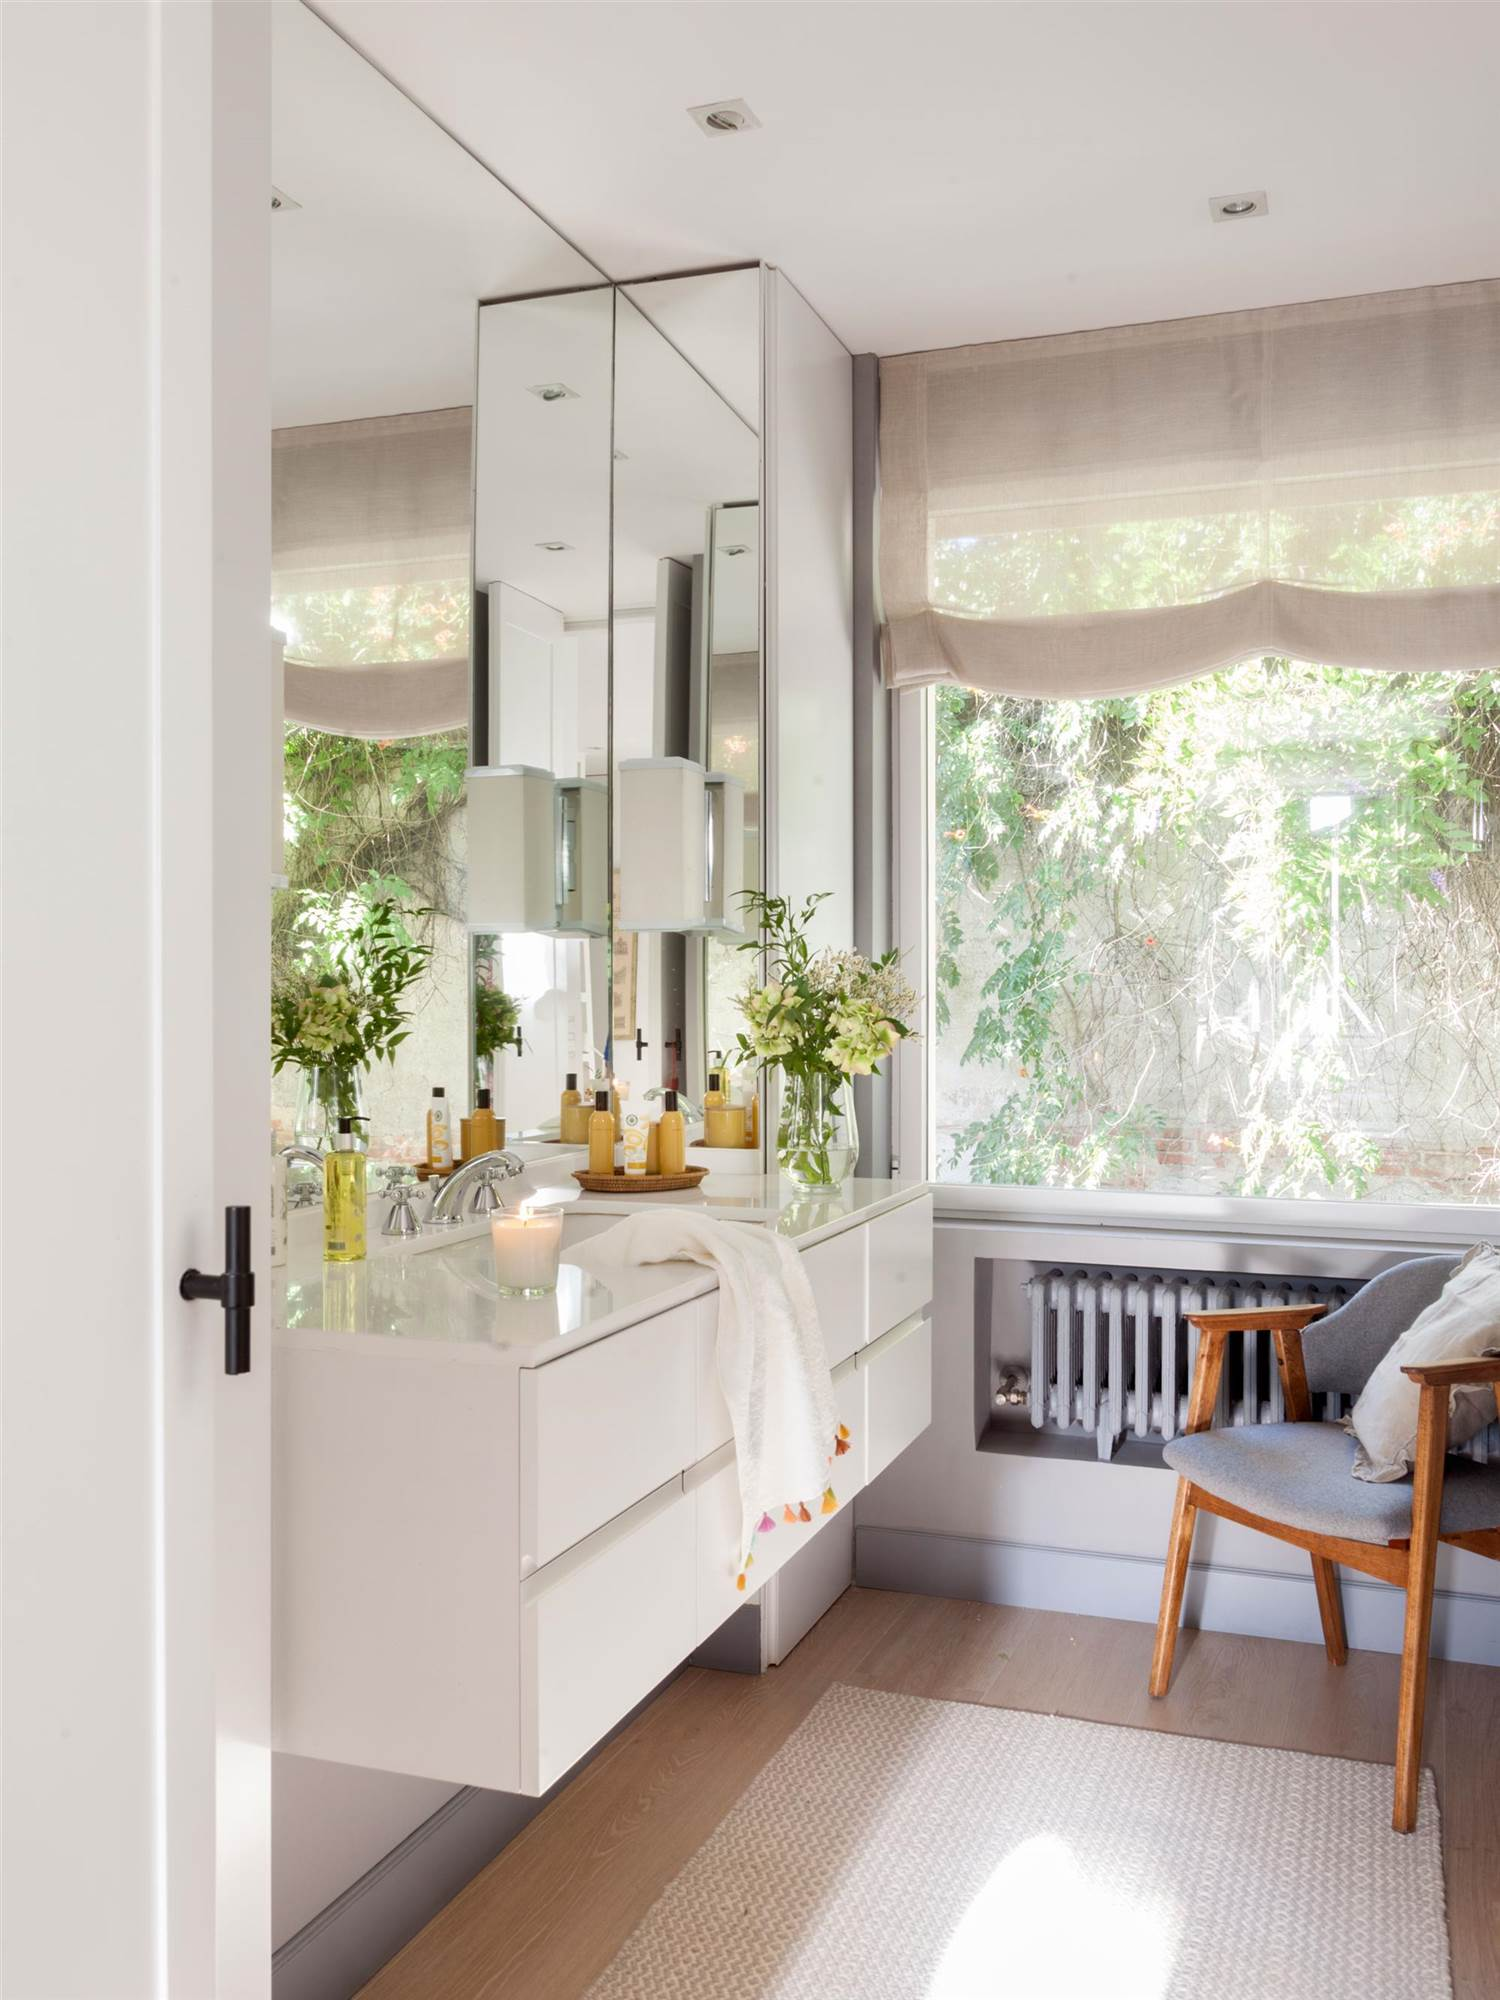 Ba os mamparas muebles espejos todo para la - Hornacina bano ...